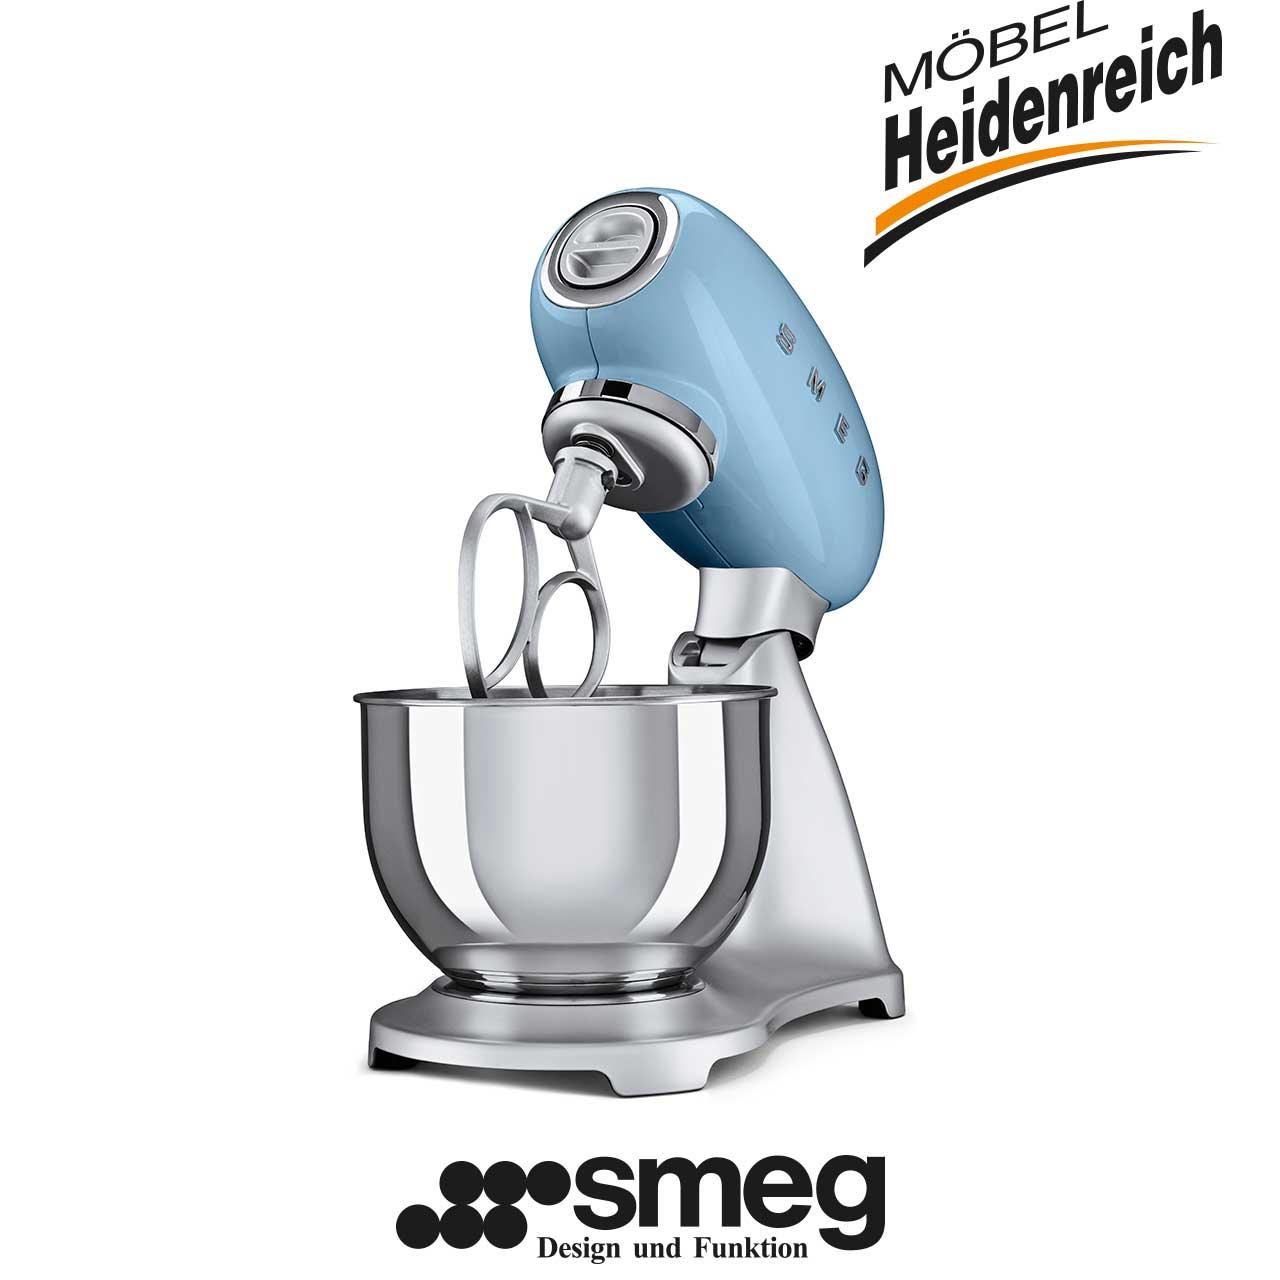 Smeg Kuchenmaschine In 4 Verschiedenen Farben Smeg Marken